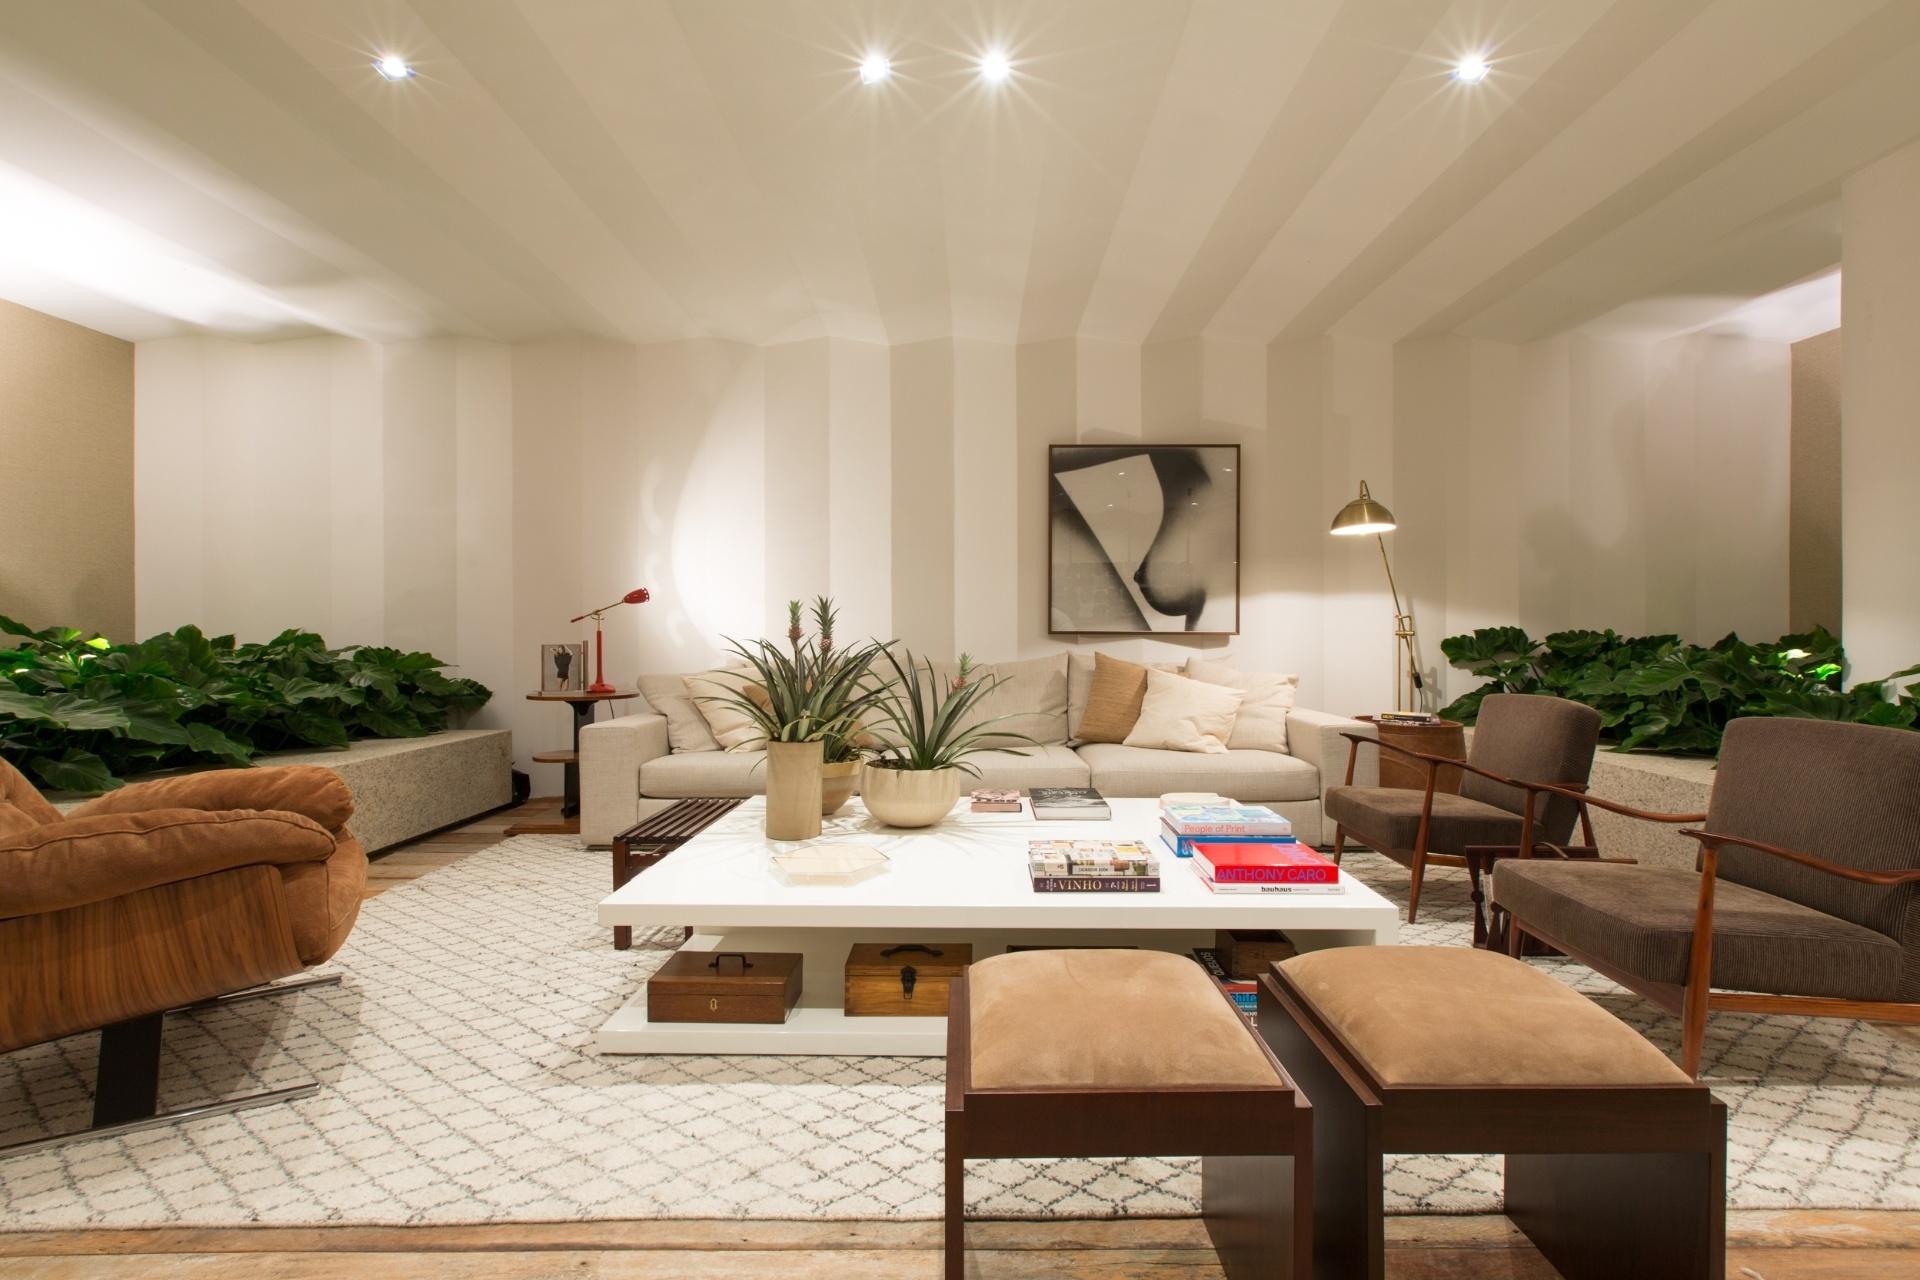 A proposta do arquiteto Erick Figueira de Mello foi criar um espaço onde as sensações de bem-estar e aconchego prevalecessem. No ambiente, o teto e parte da parede se assemelham a uma dobradura de papel, leves como os origamis japoneses. A Mostra Black fica em cartaz até dia 21 de junho de 2015, na Oca - pavilhão Lucas Nogueira Garcez, no Parque Ibirapuera, em São Paulo (SP)